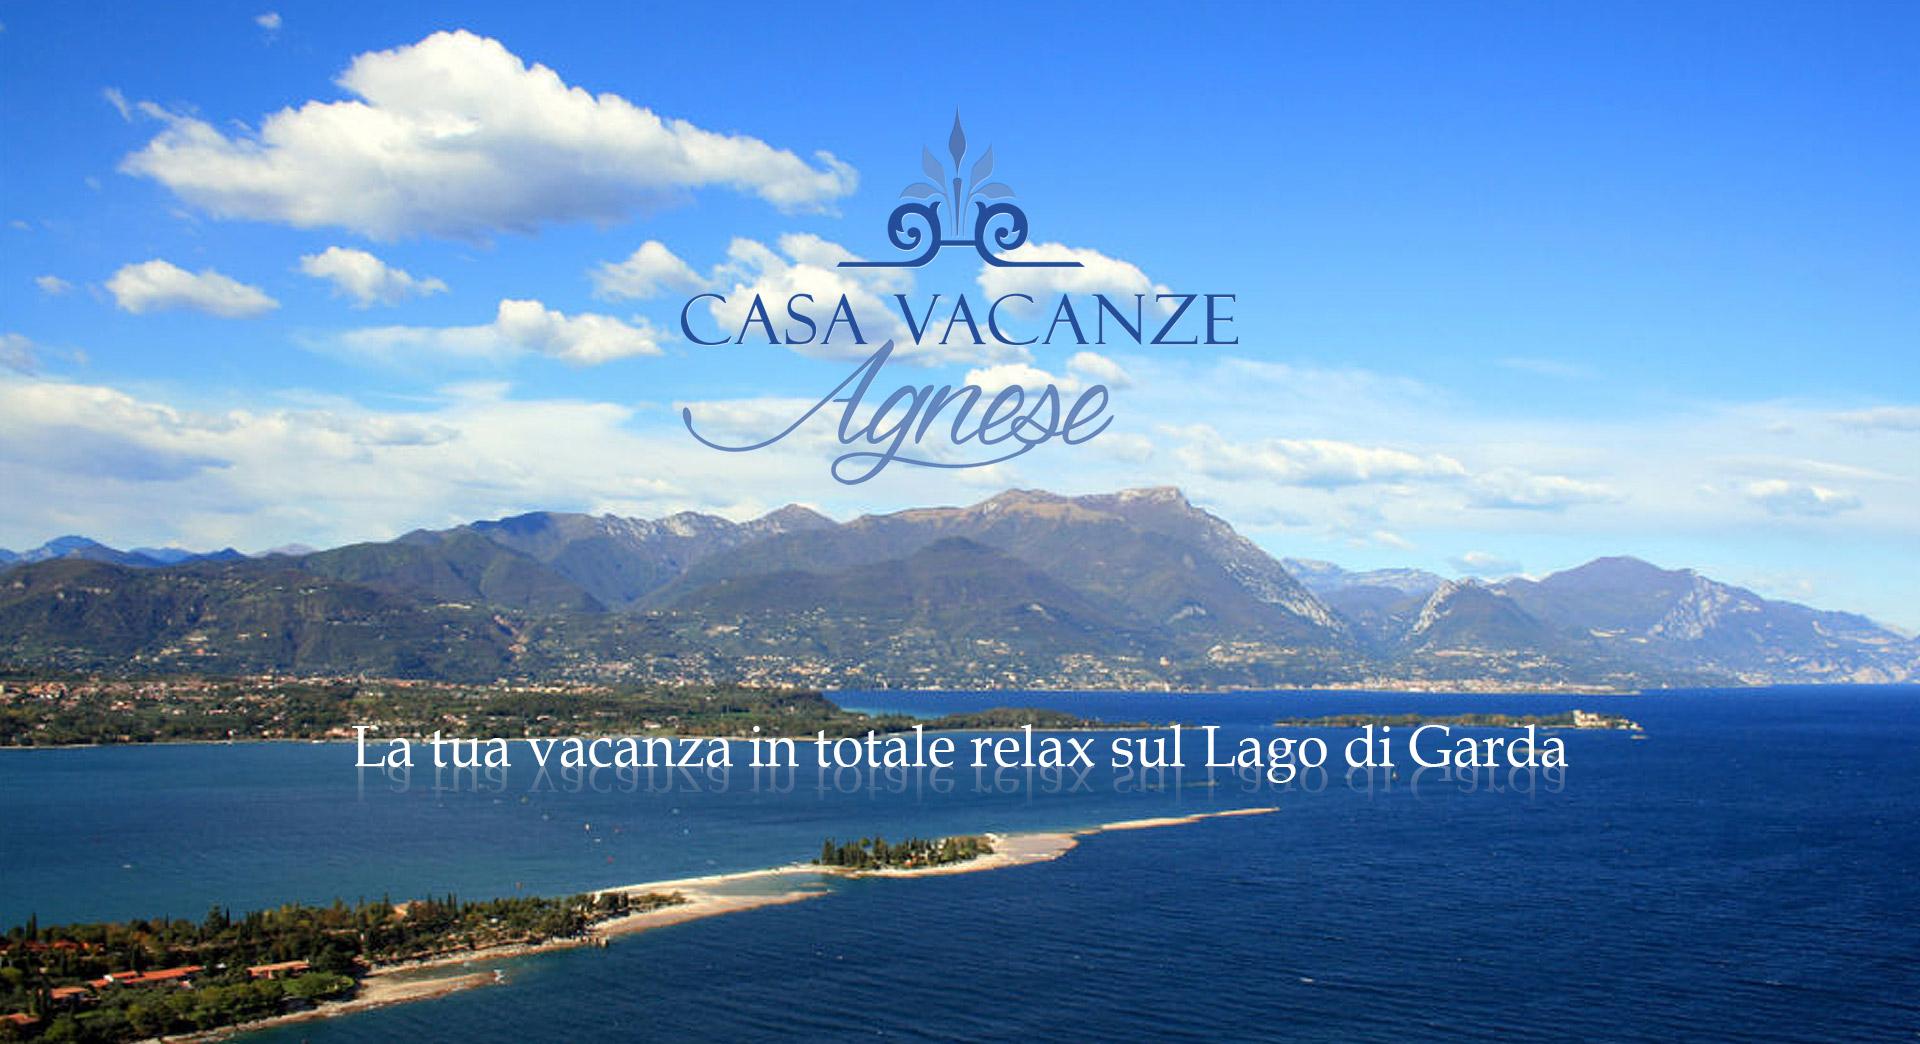 Casa vacanze agnese lago di garda for Case vacanze sul lago di garda